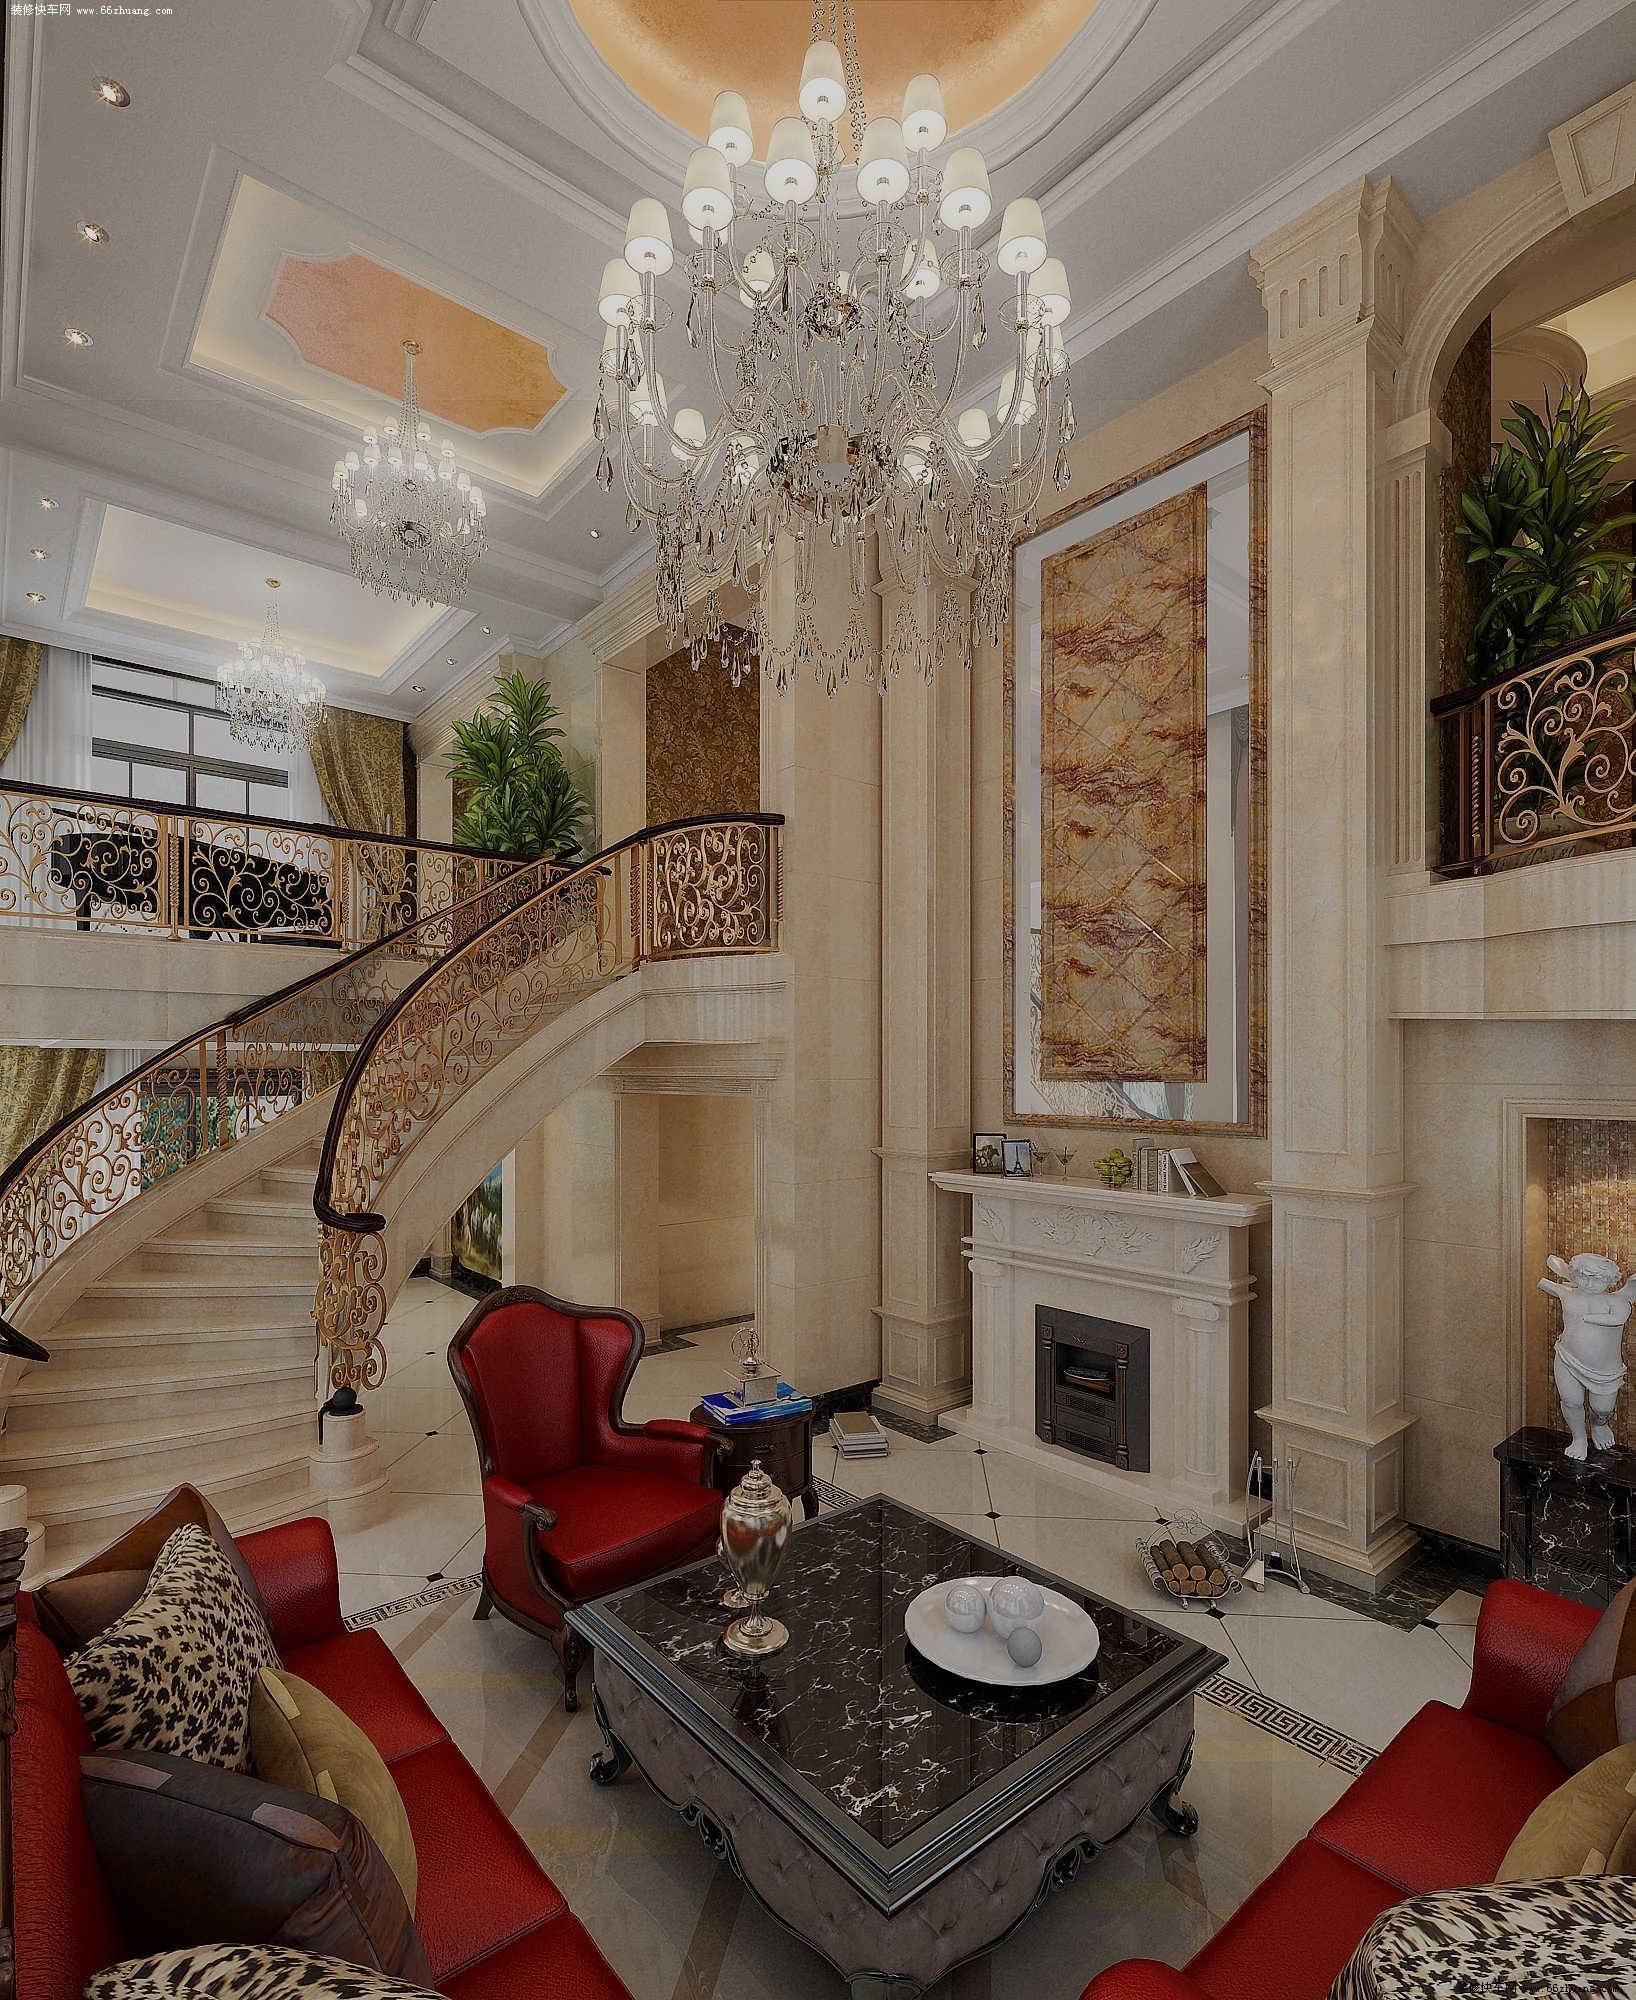 欧式别墅地板装修效果图欣赏,别墅客厅地板砖装修效果图大全